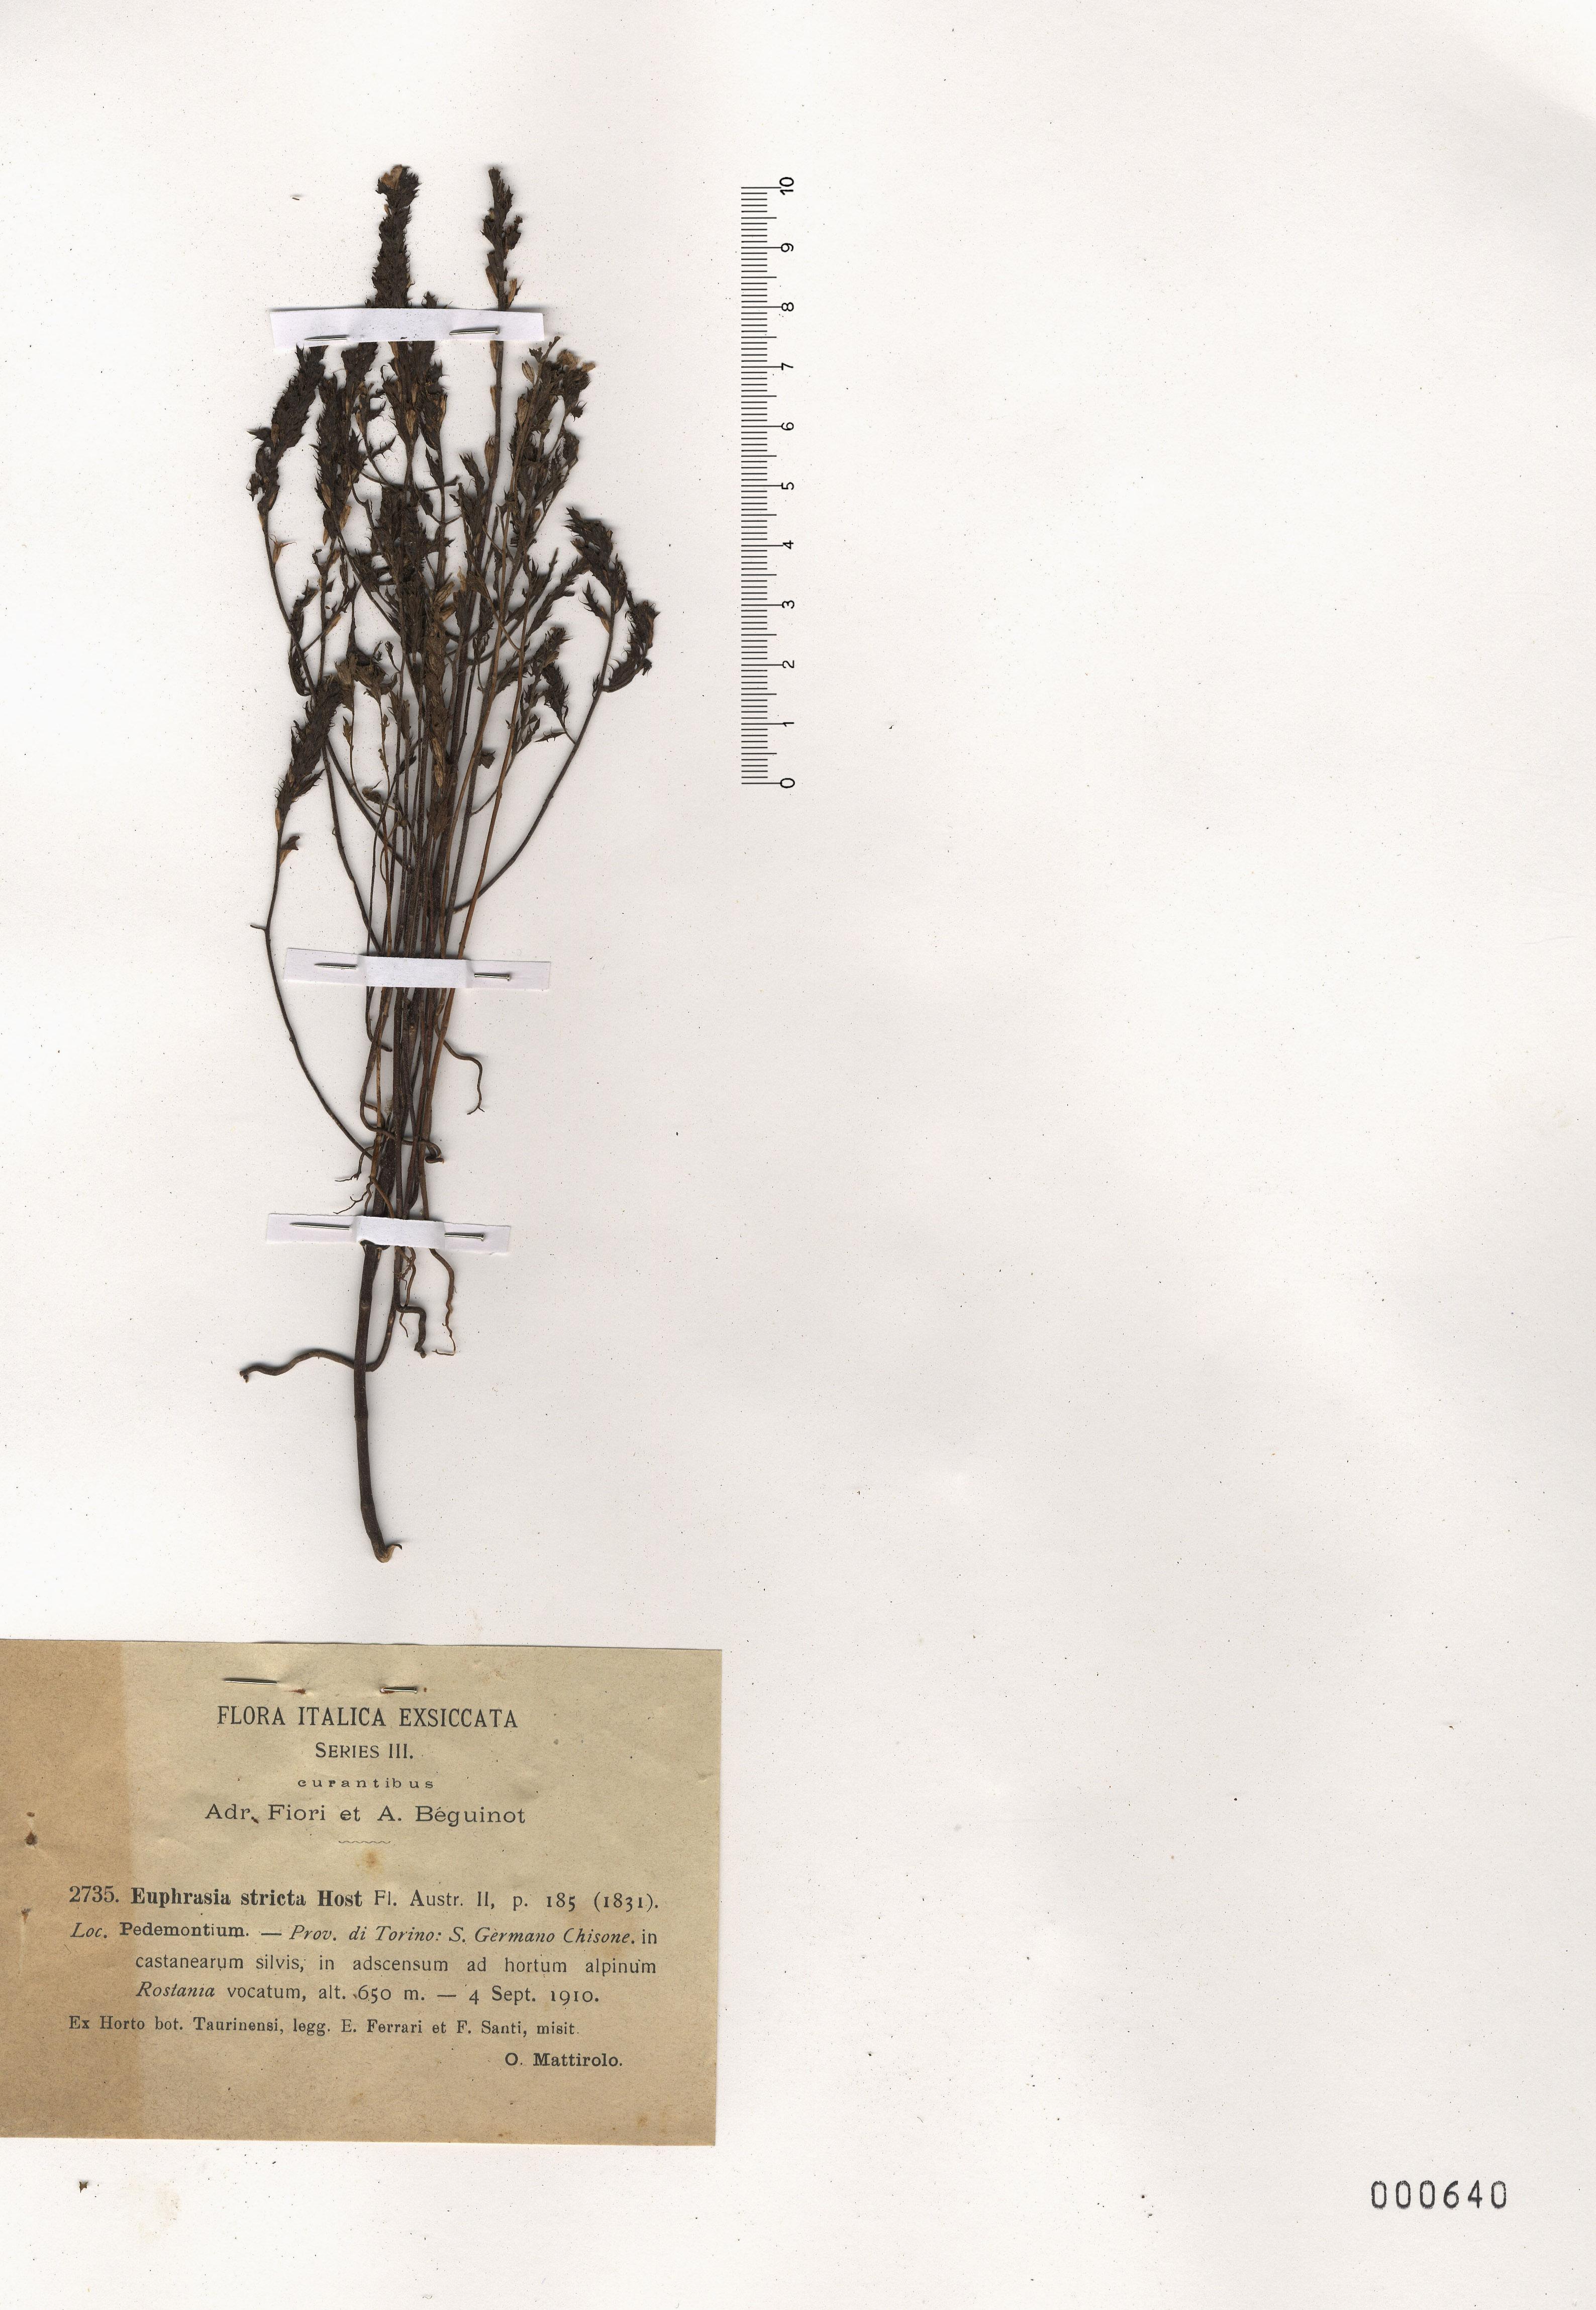 © Hortus Botanicus Catinensis - Herb. sheet 000640<br>